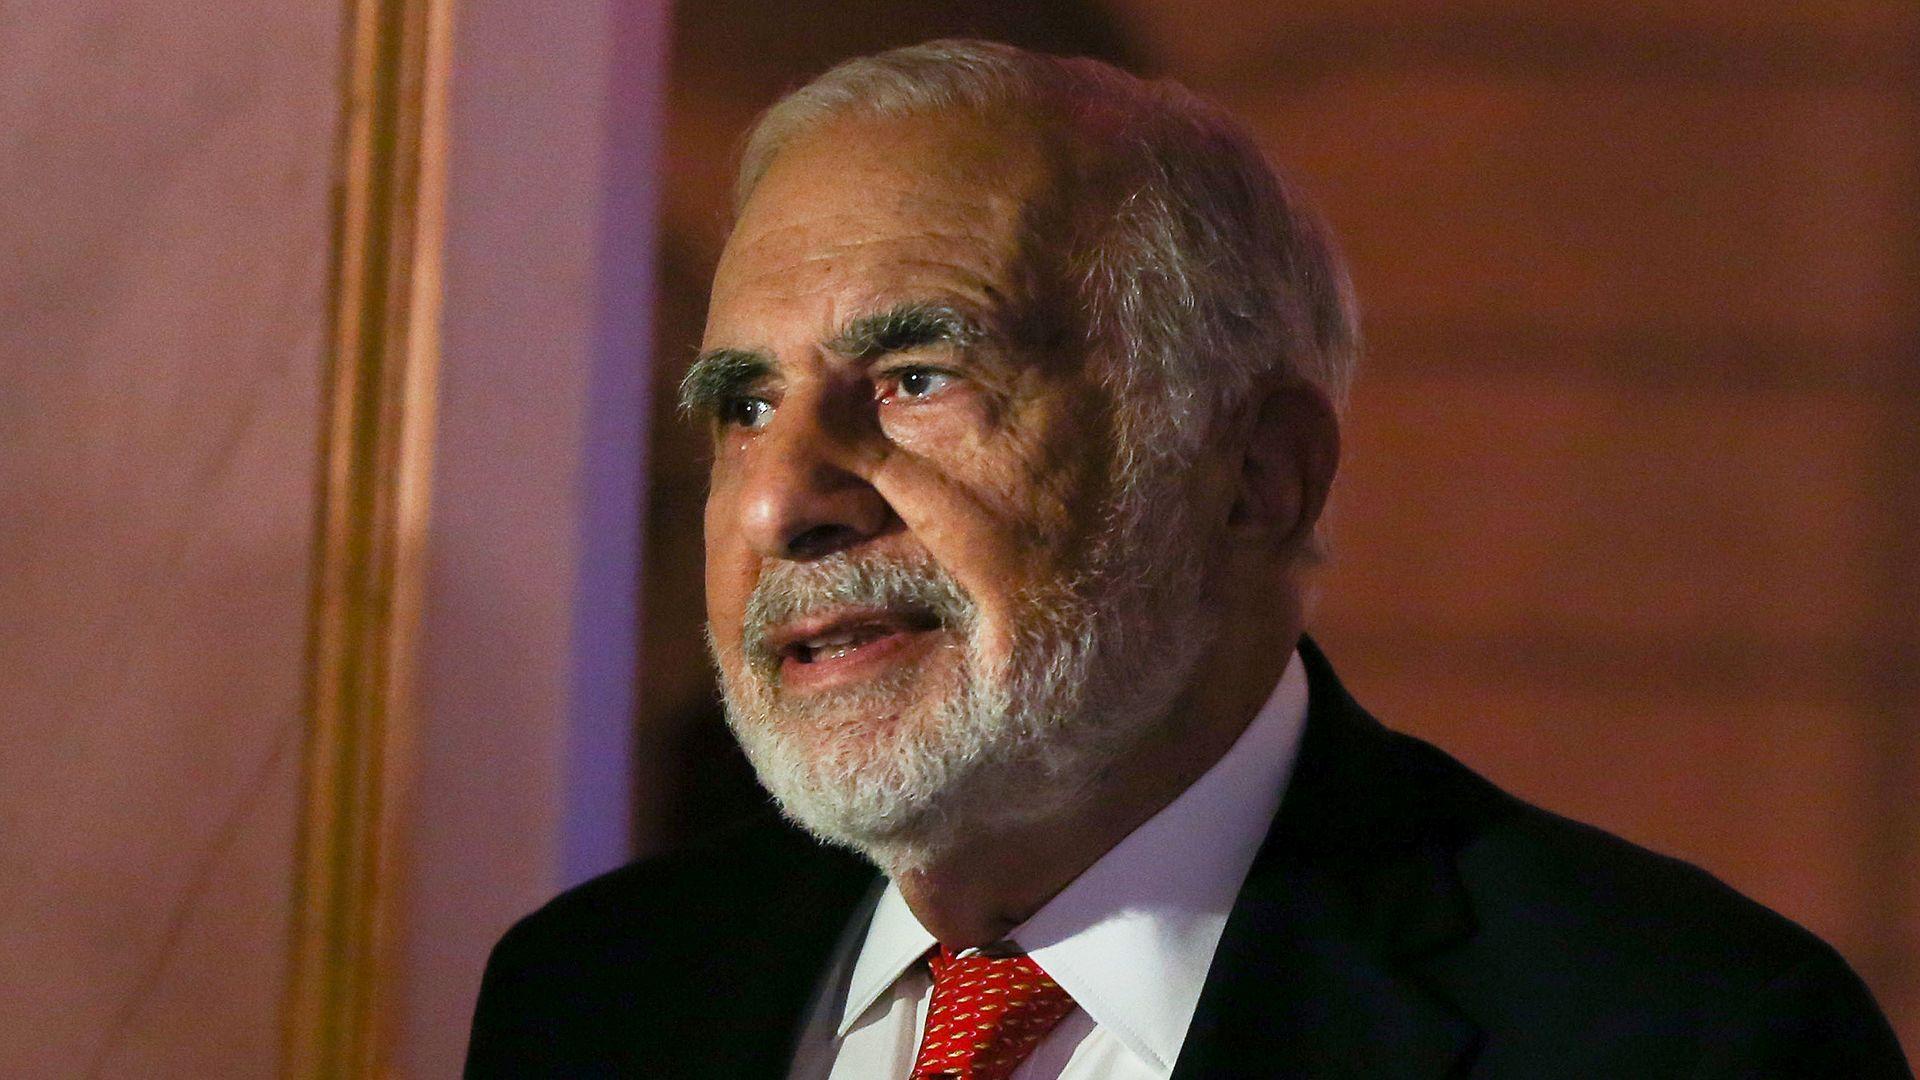 Carl Ichan